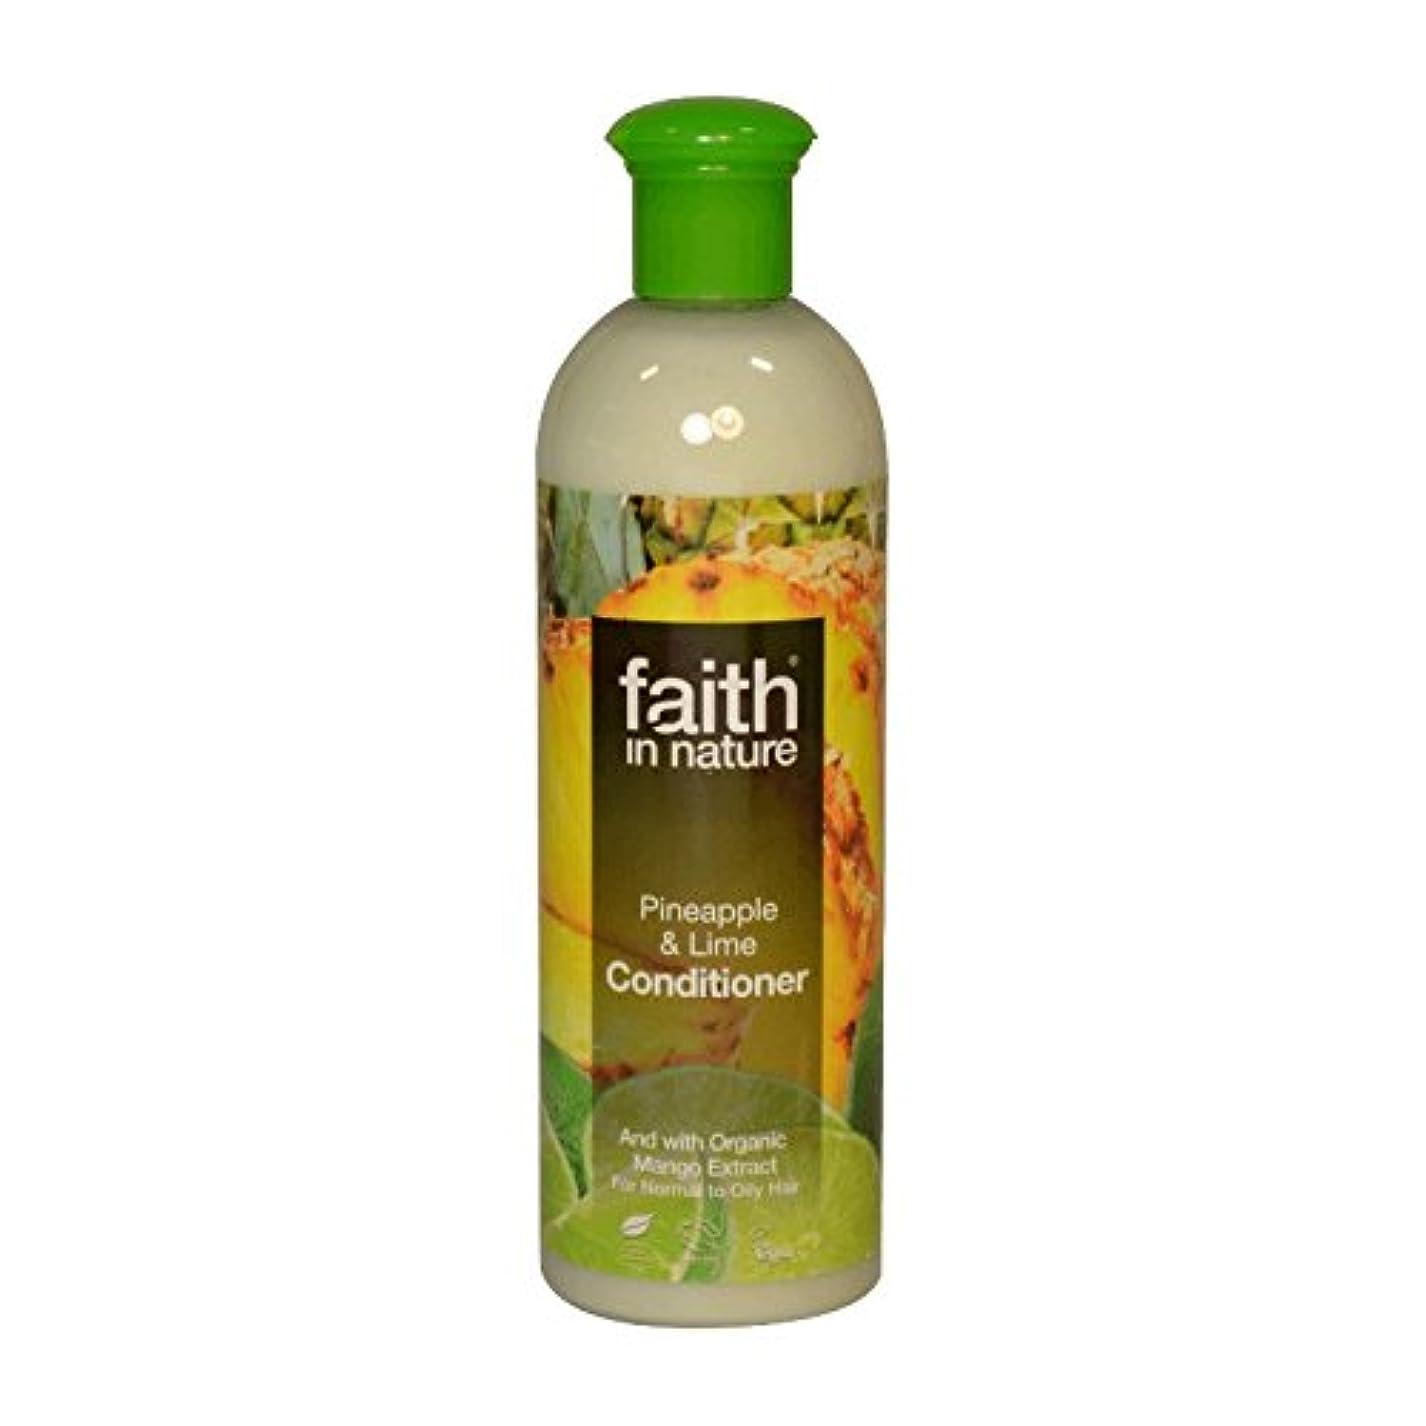 セブン遅滞経由でFaith in Nature Pineapple & Lime Conditioner 400ml (Pack of 6) - 自然パイナップル&ライムコンディショナー400ミリリットルの信仰 (x6) [並行輸入品]